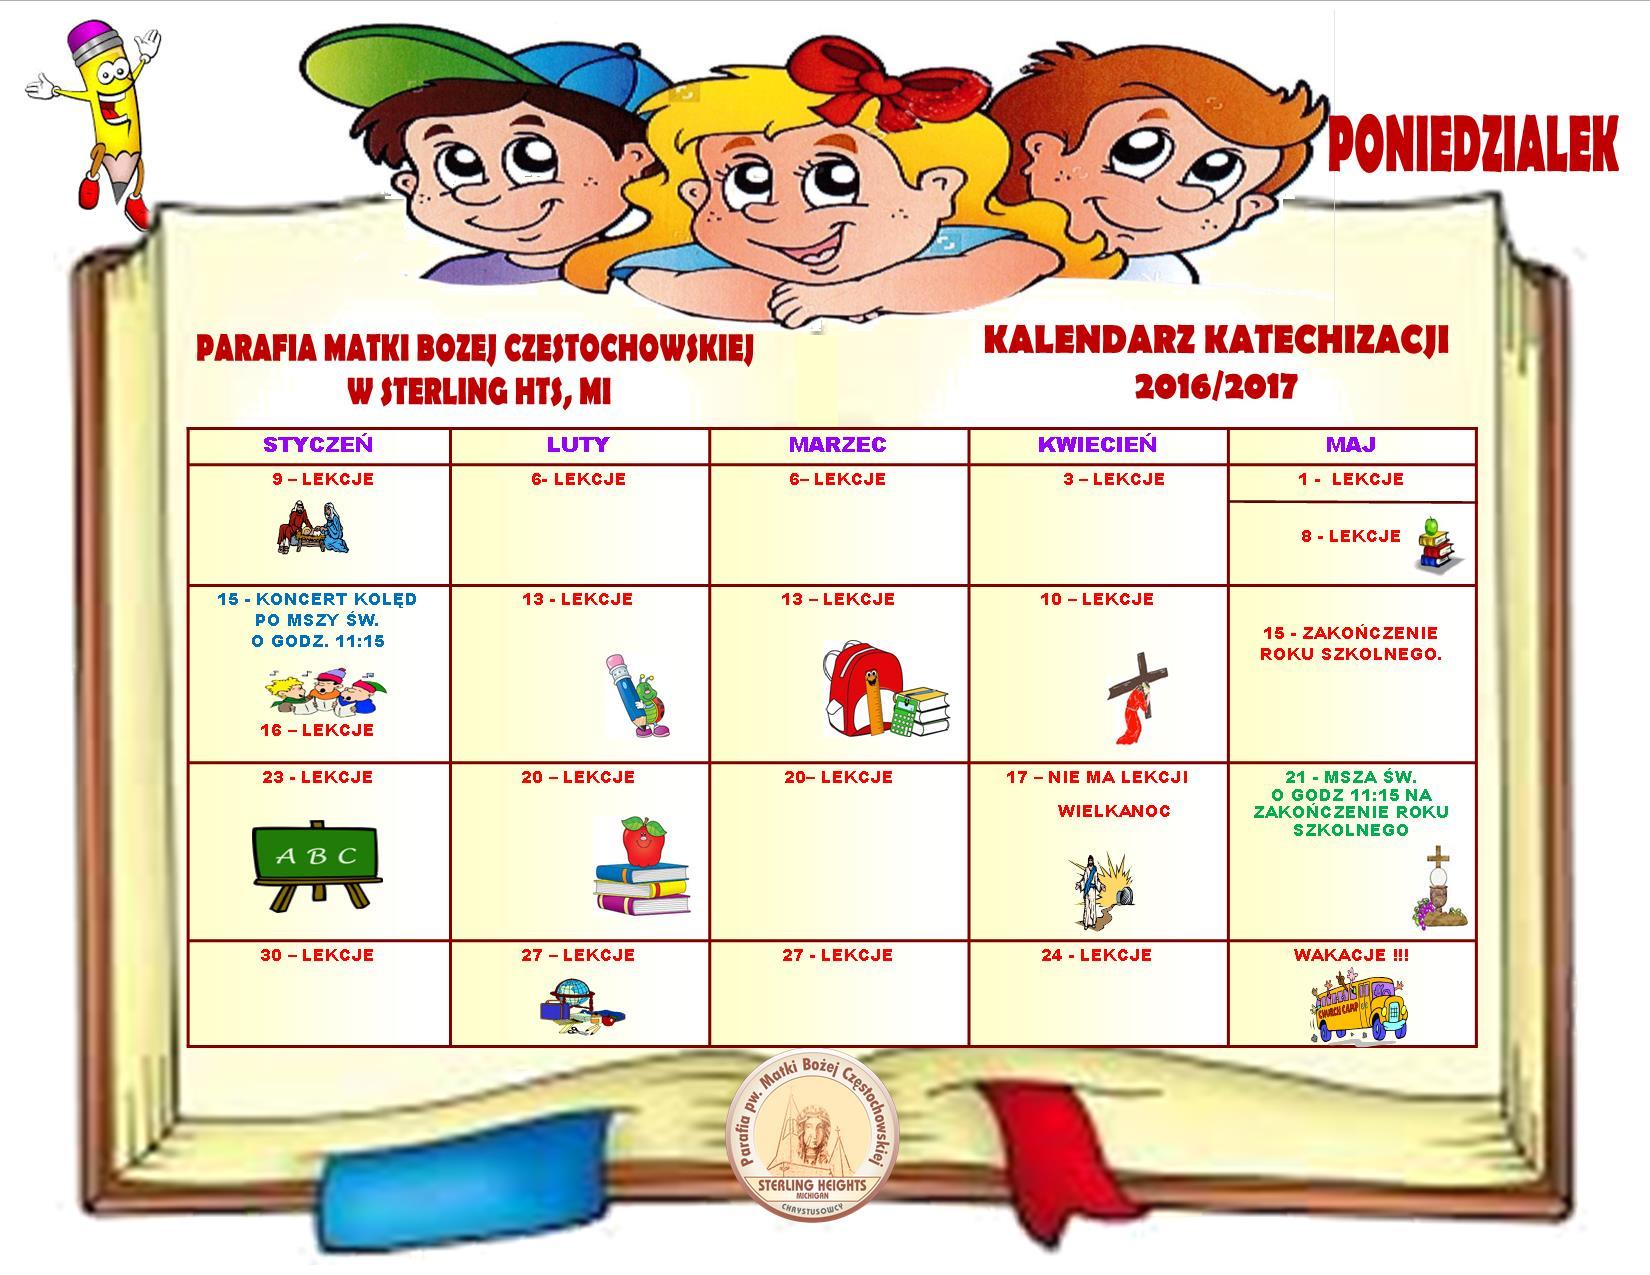 kalendarz-poniedzialek-2